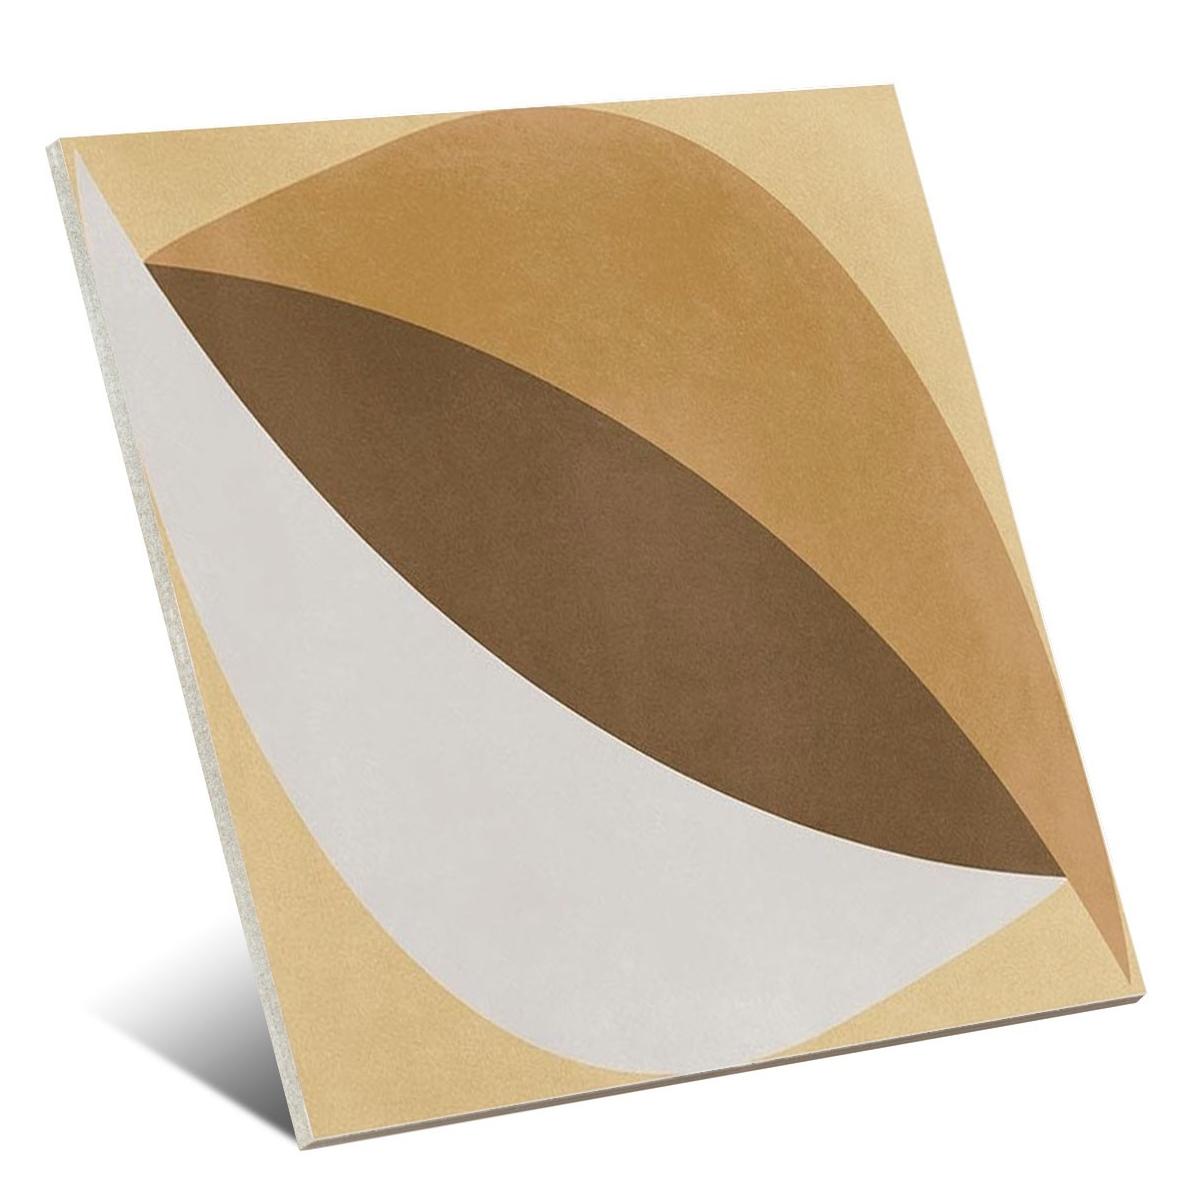 Afton 29.3x29.3 (caja) - Colección Pop Tile de Vives - Marca Vives